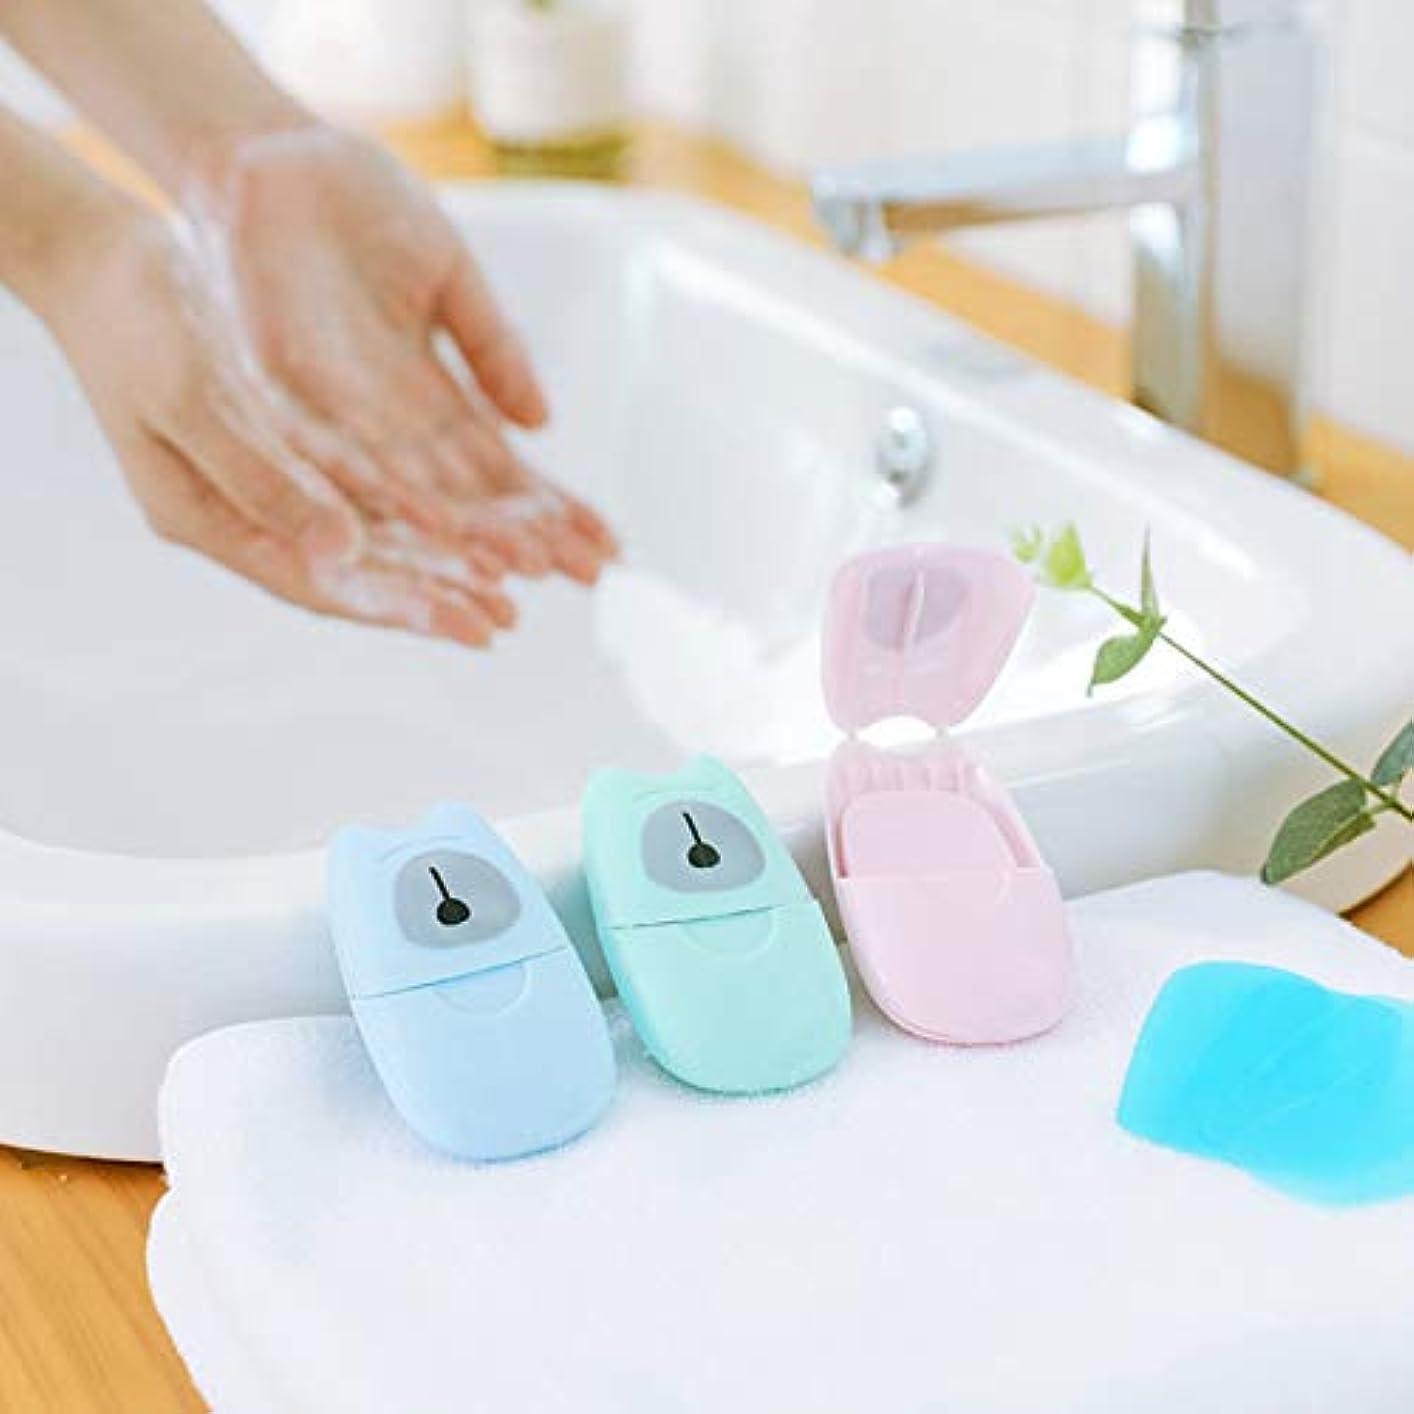 登る写真リル箱入り石鹸紙旅行ポータブル屋外手洗い石鹸の香りのスライスシート50ピースプラスチックボックス付きミニ石鹸紙(色:緑)